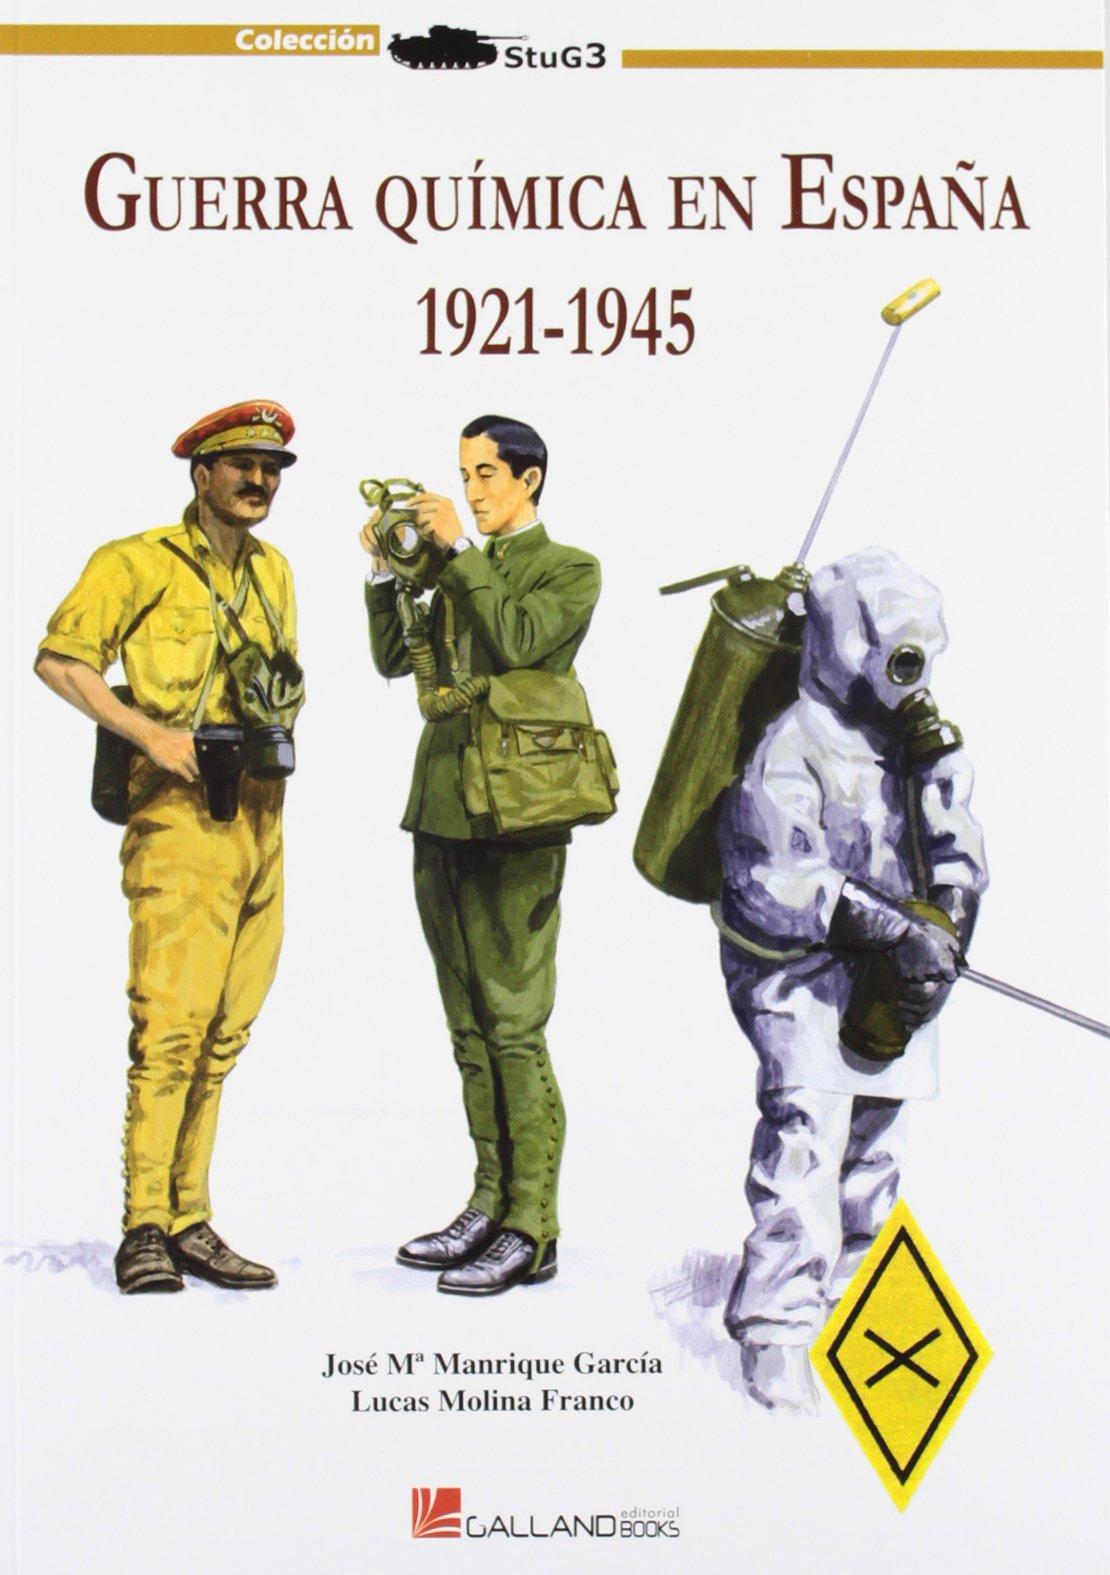 La Guerra Química En España 1921-1945 Stug3 galland Books: Amazon.es: Manrique, Jose Mª: Libros